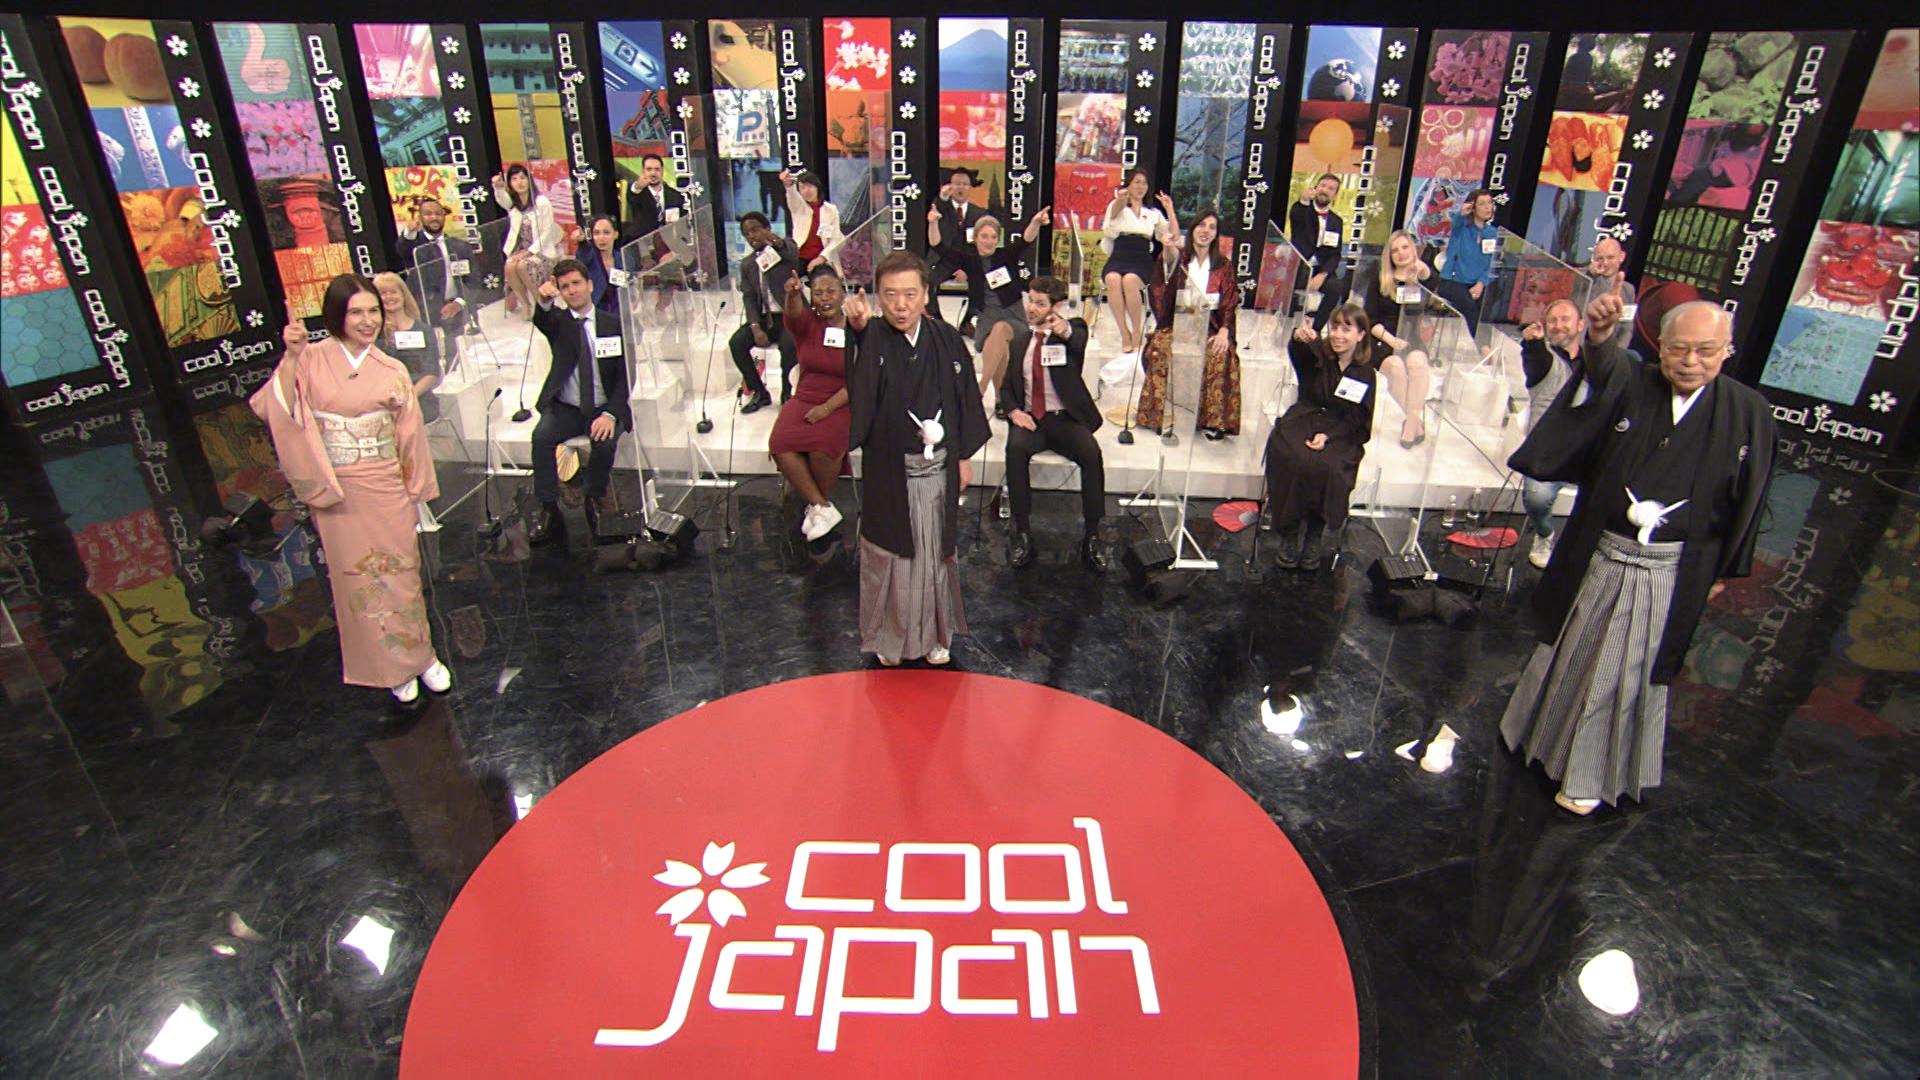 COOL JAPAN 新春特集「世界が驚いた!これぞニッポンのNEWS」